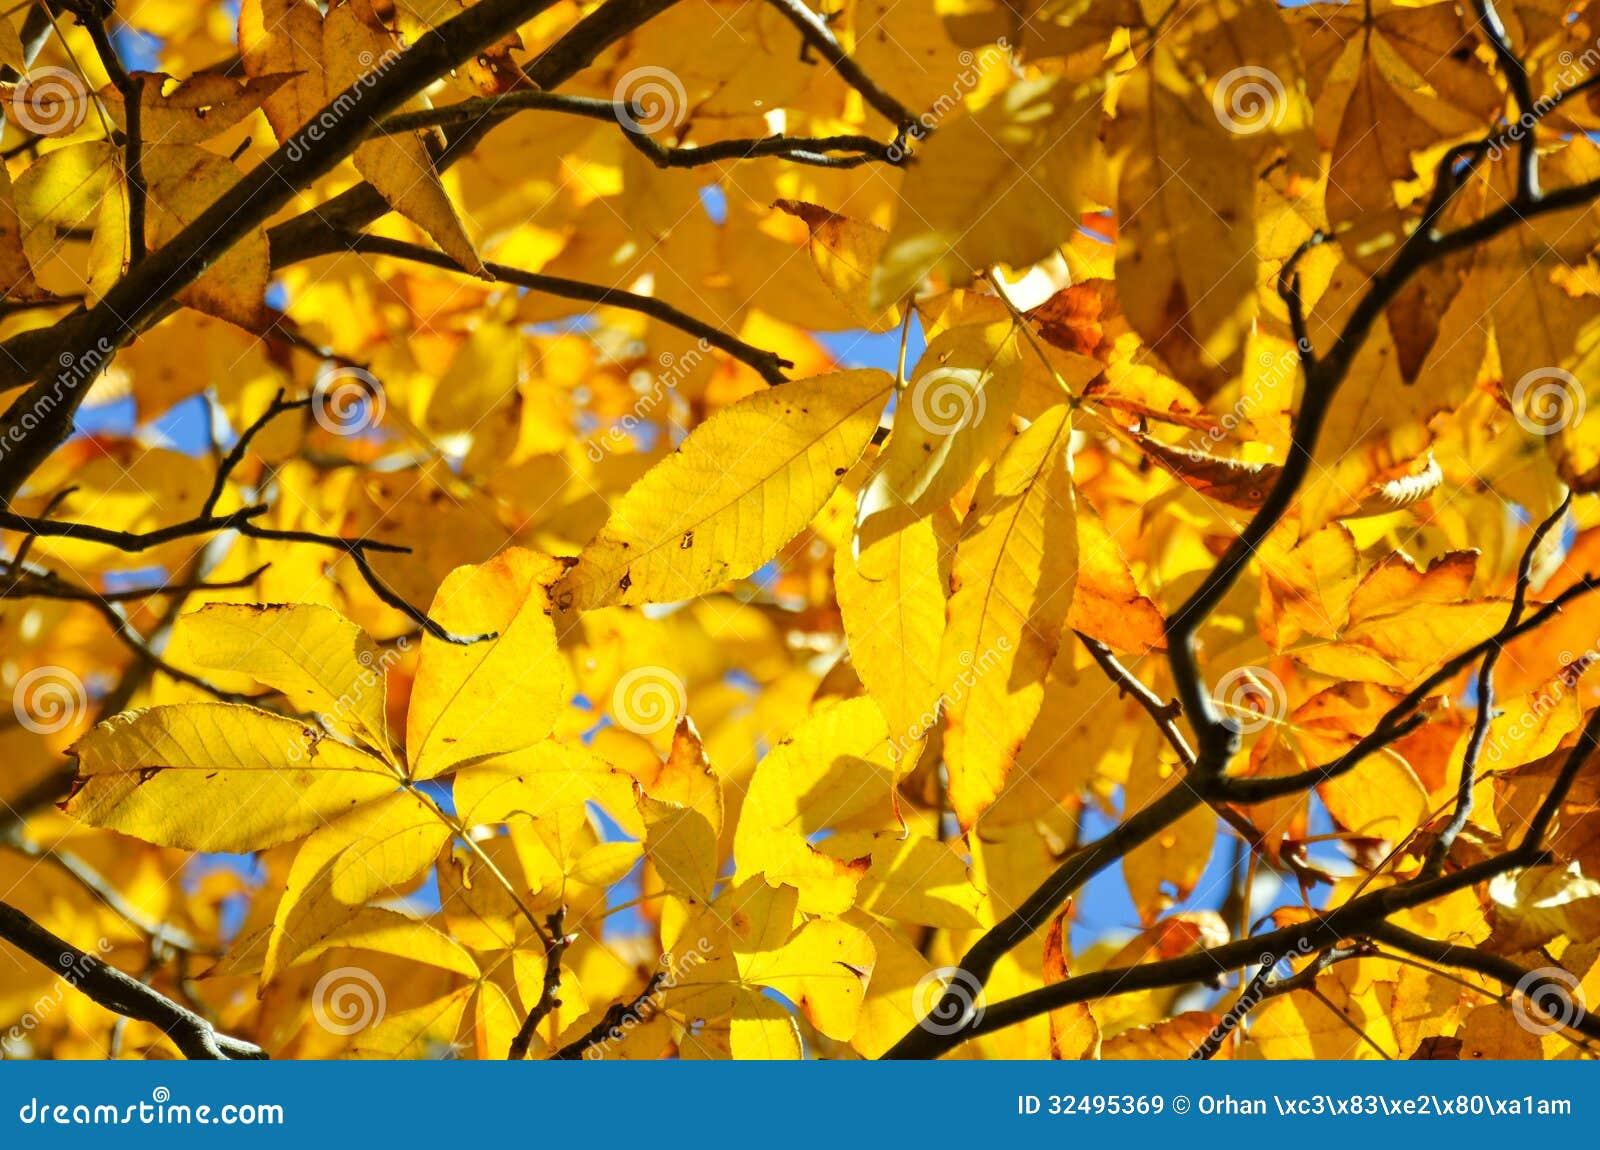 De Gele Achtergrond Van De Herfstbladeren Royalty-vrije Stock ...